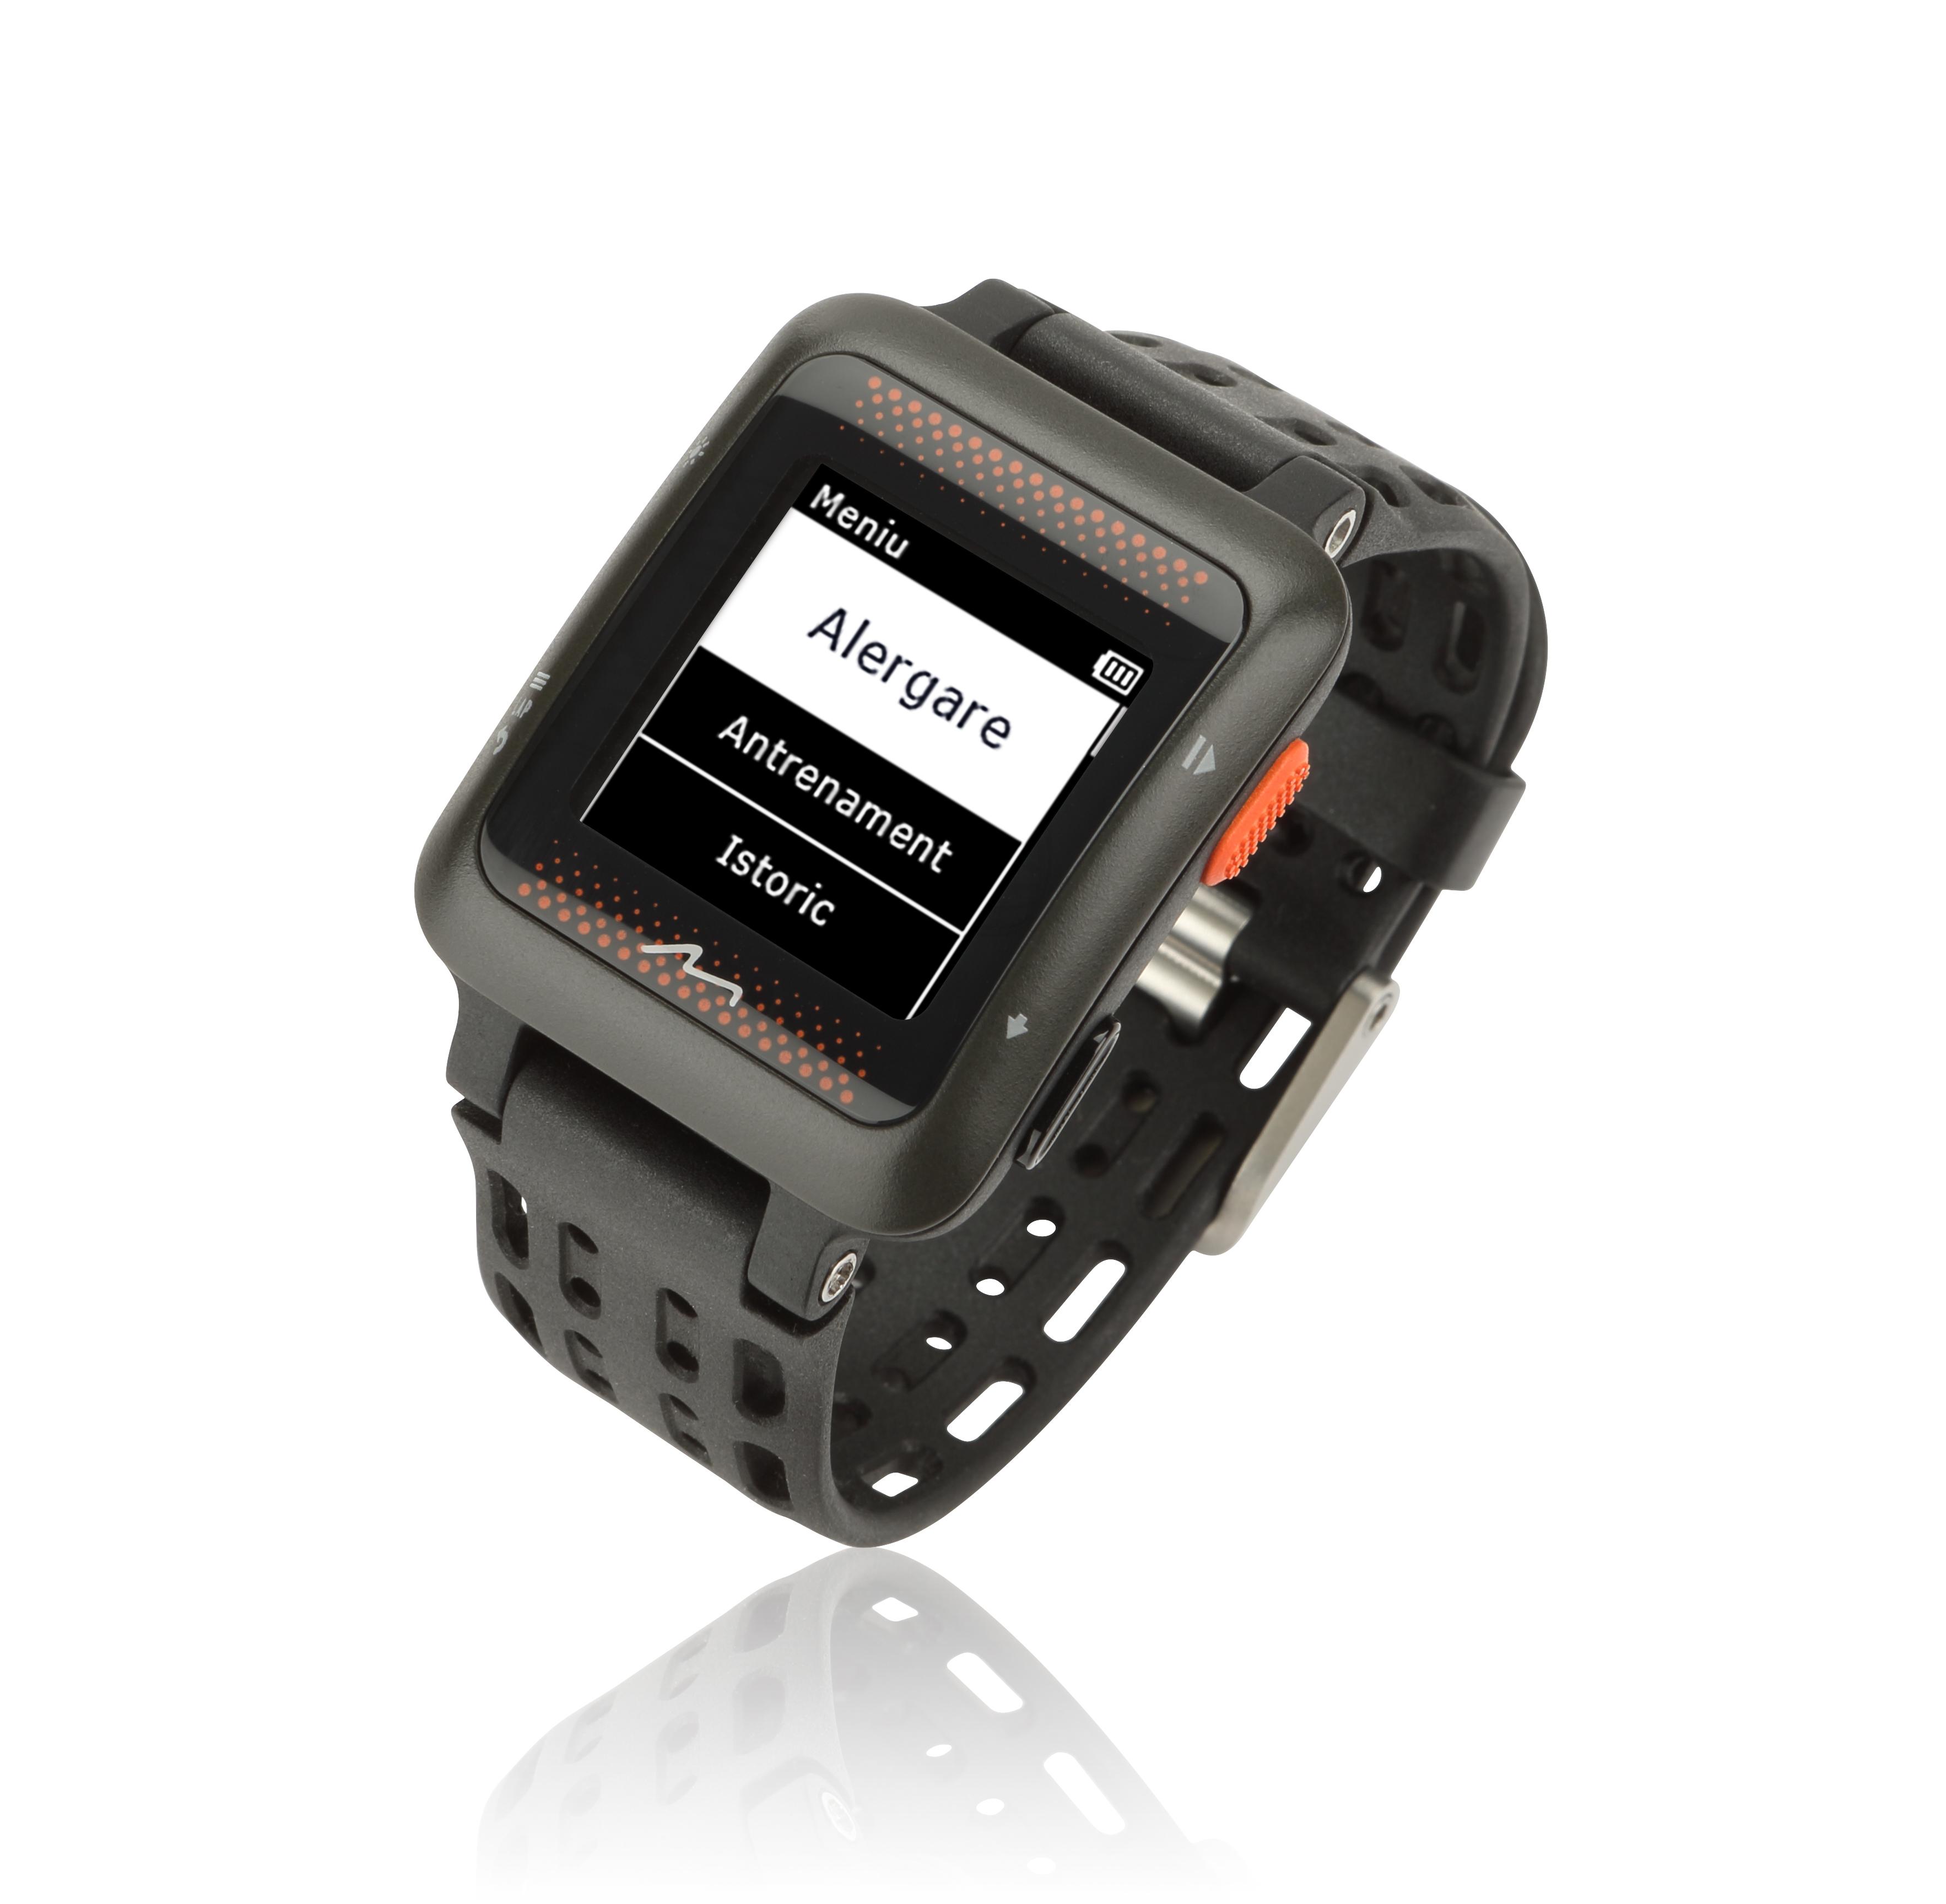 MiVia Run 350, ceasul cu GPS și monitor de ritm cardiac integrat